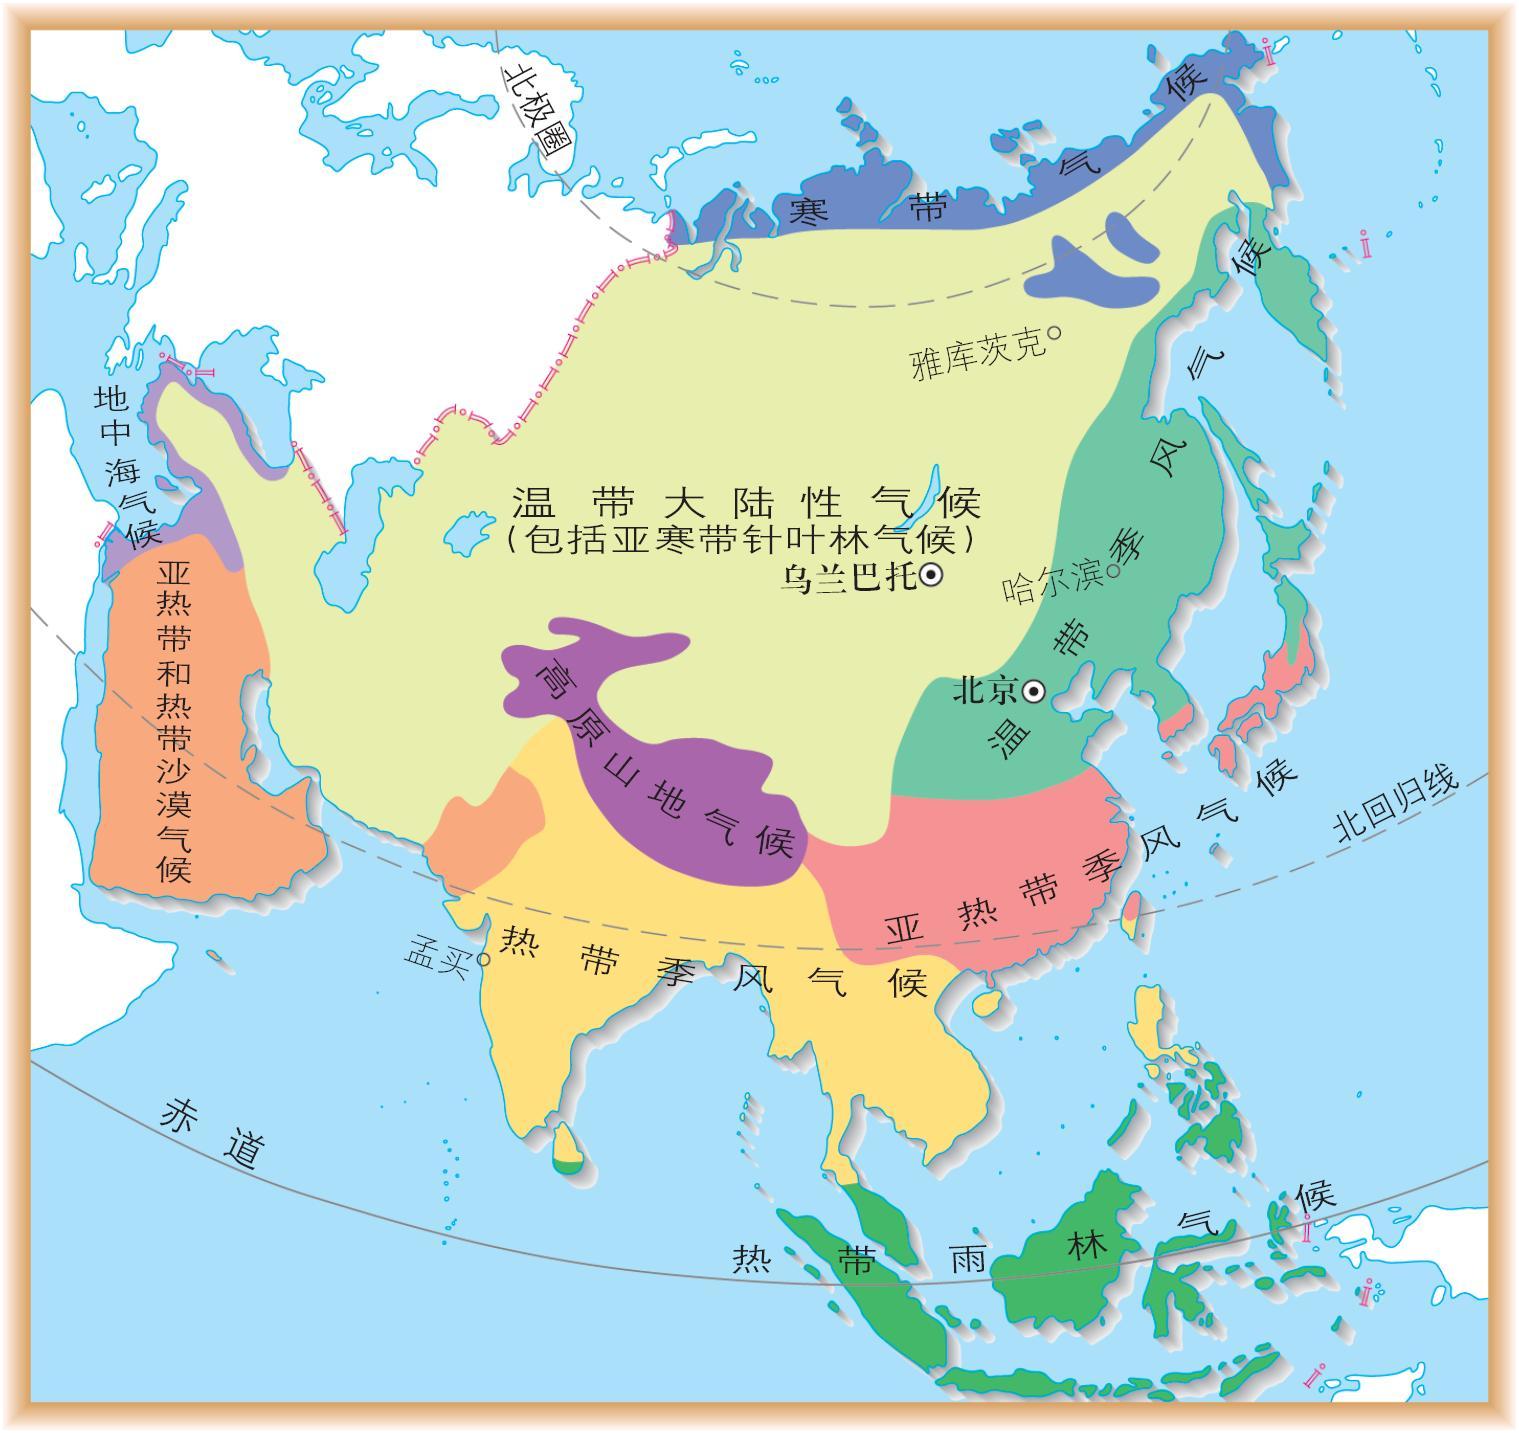 亚洲一�_请大家说明一下亚洲的各种气候类型和各气候类型的特点以及分布的国家